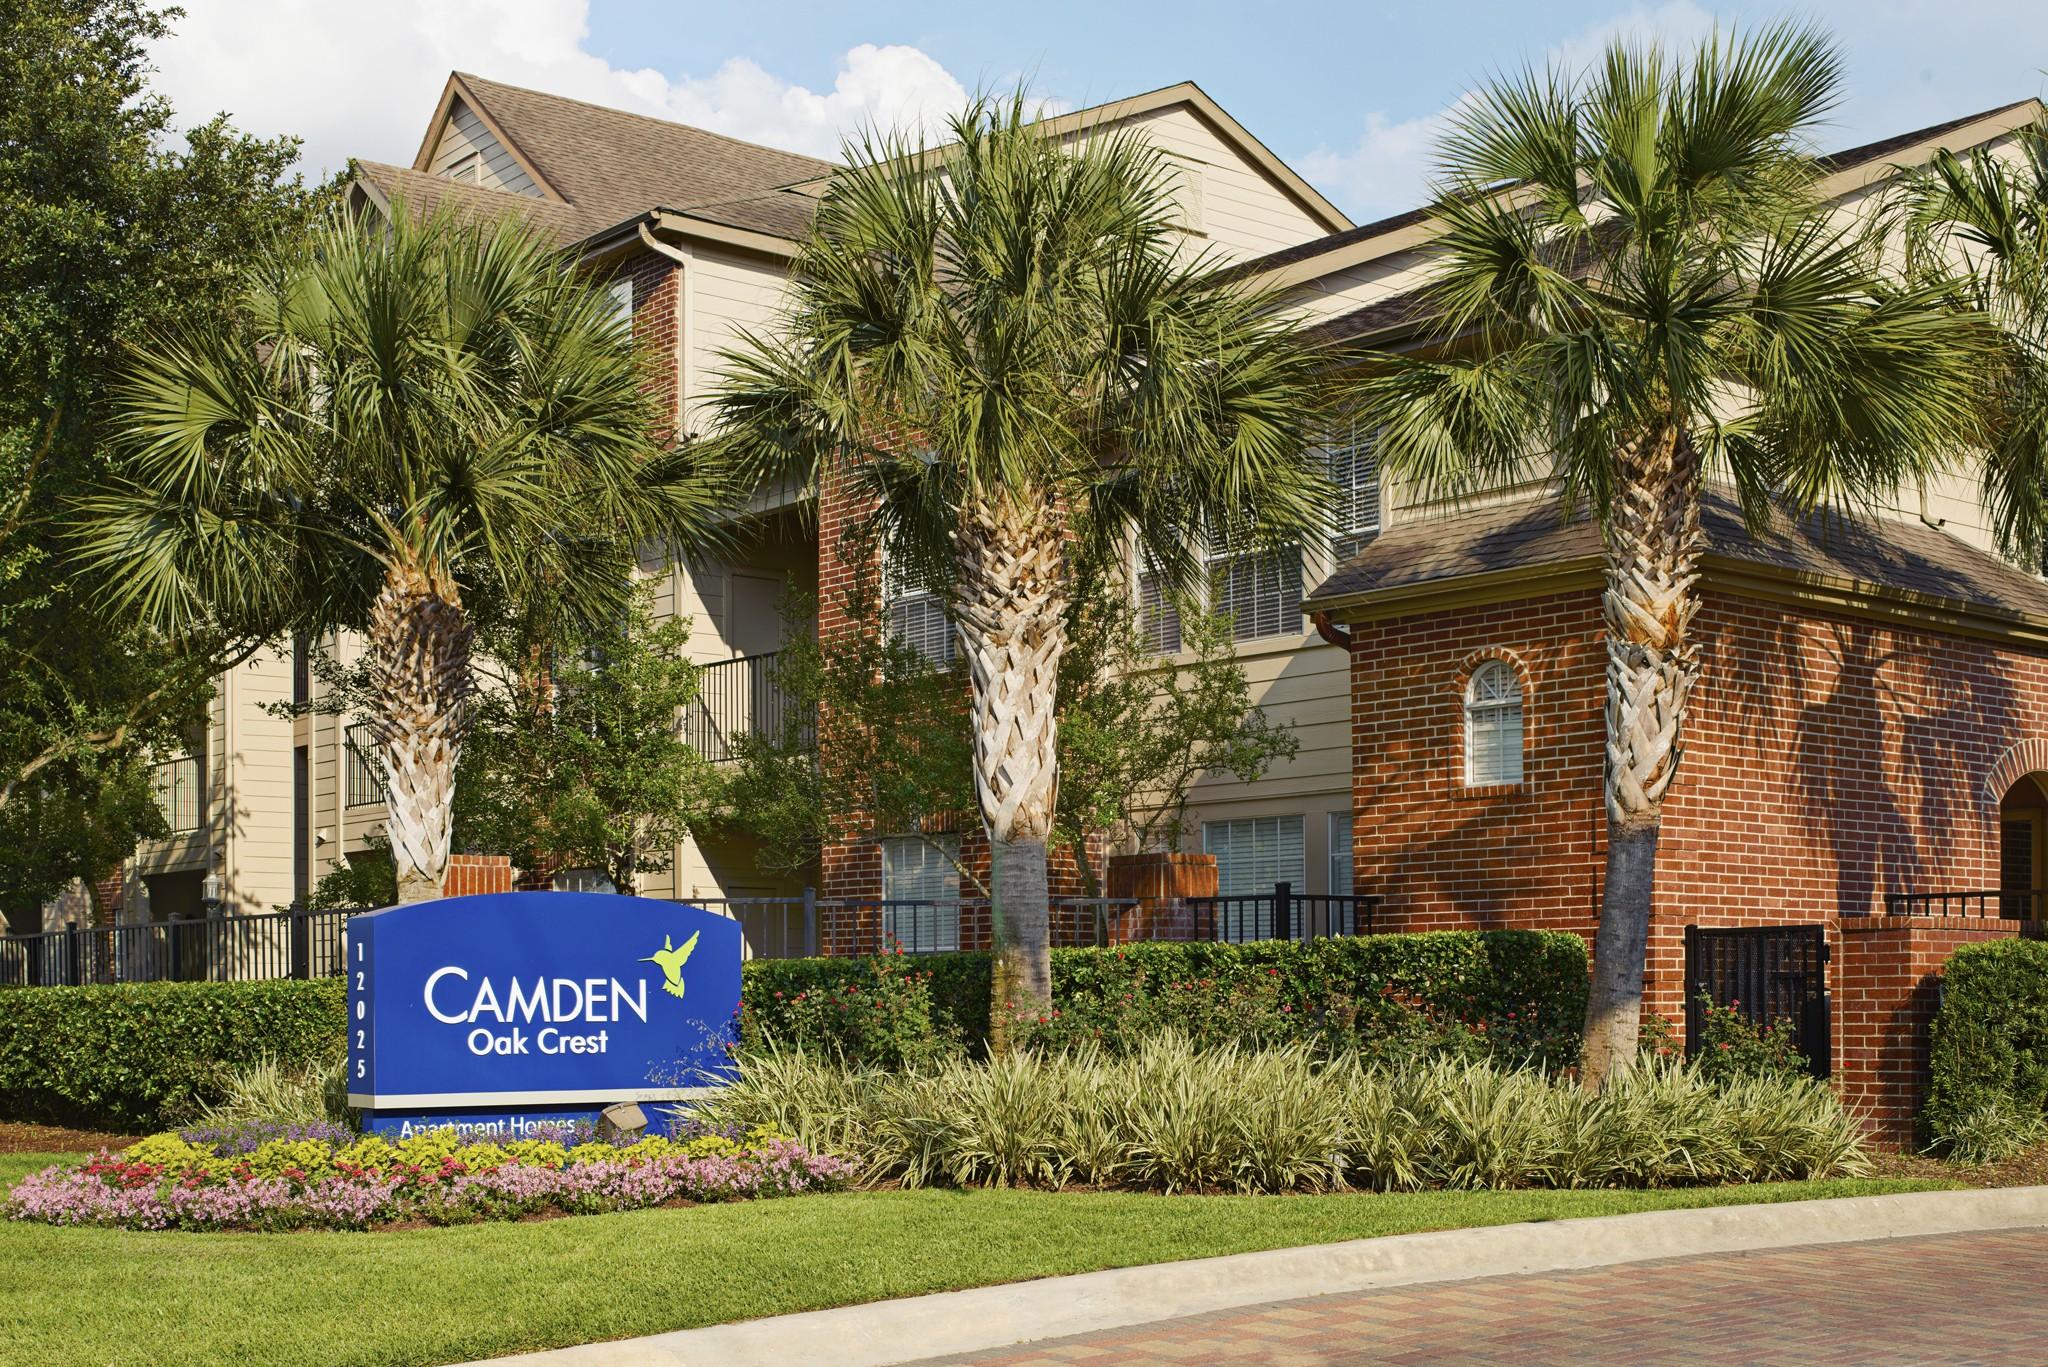 Camden Oak Crest